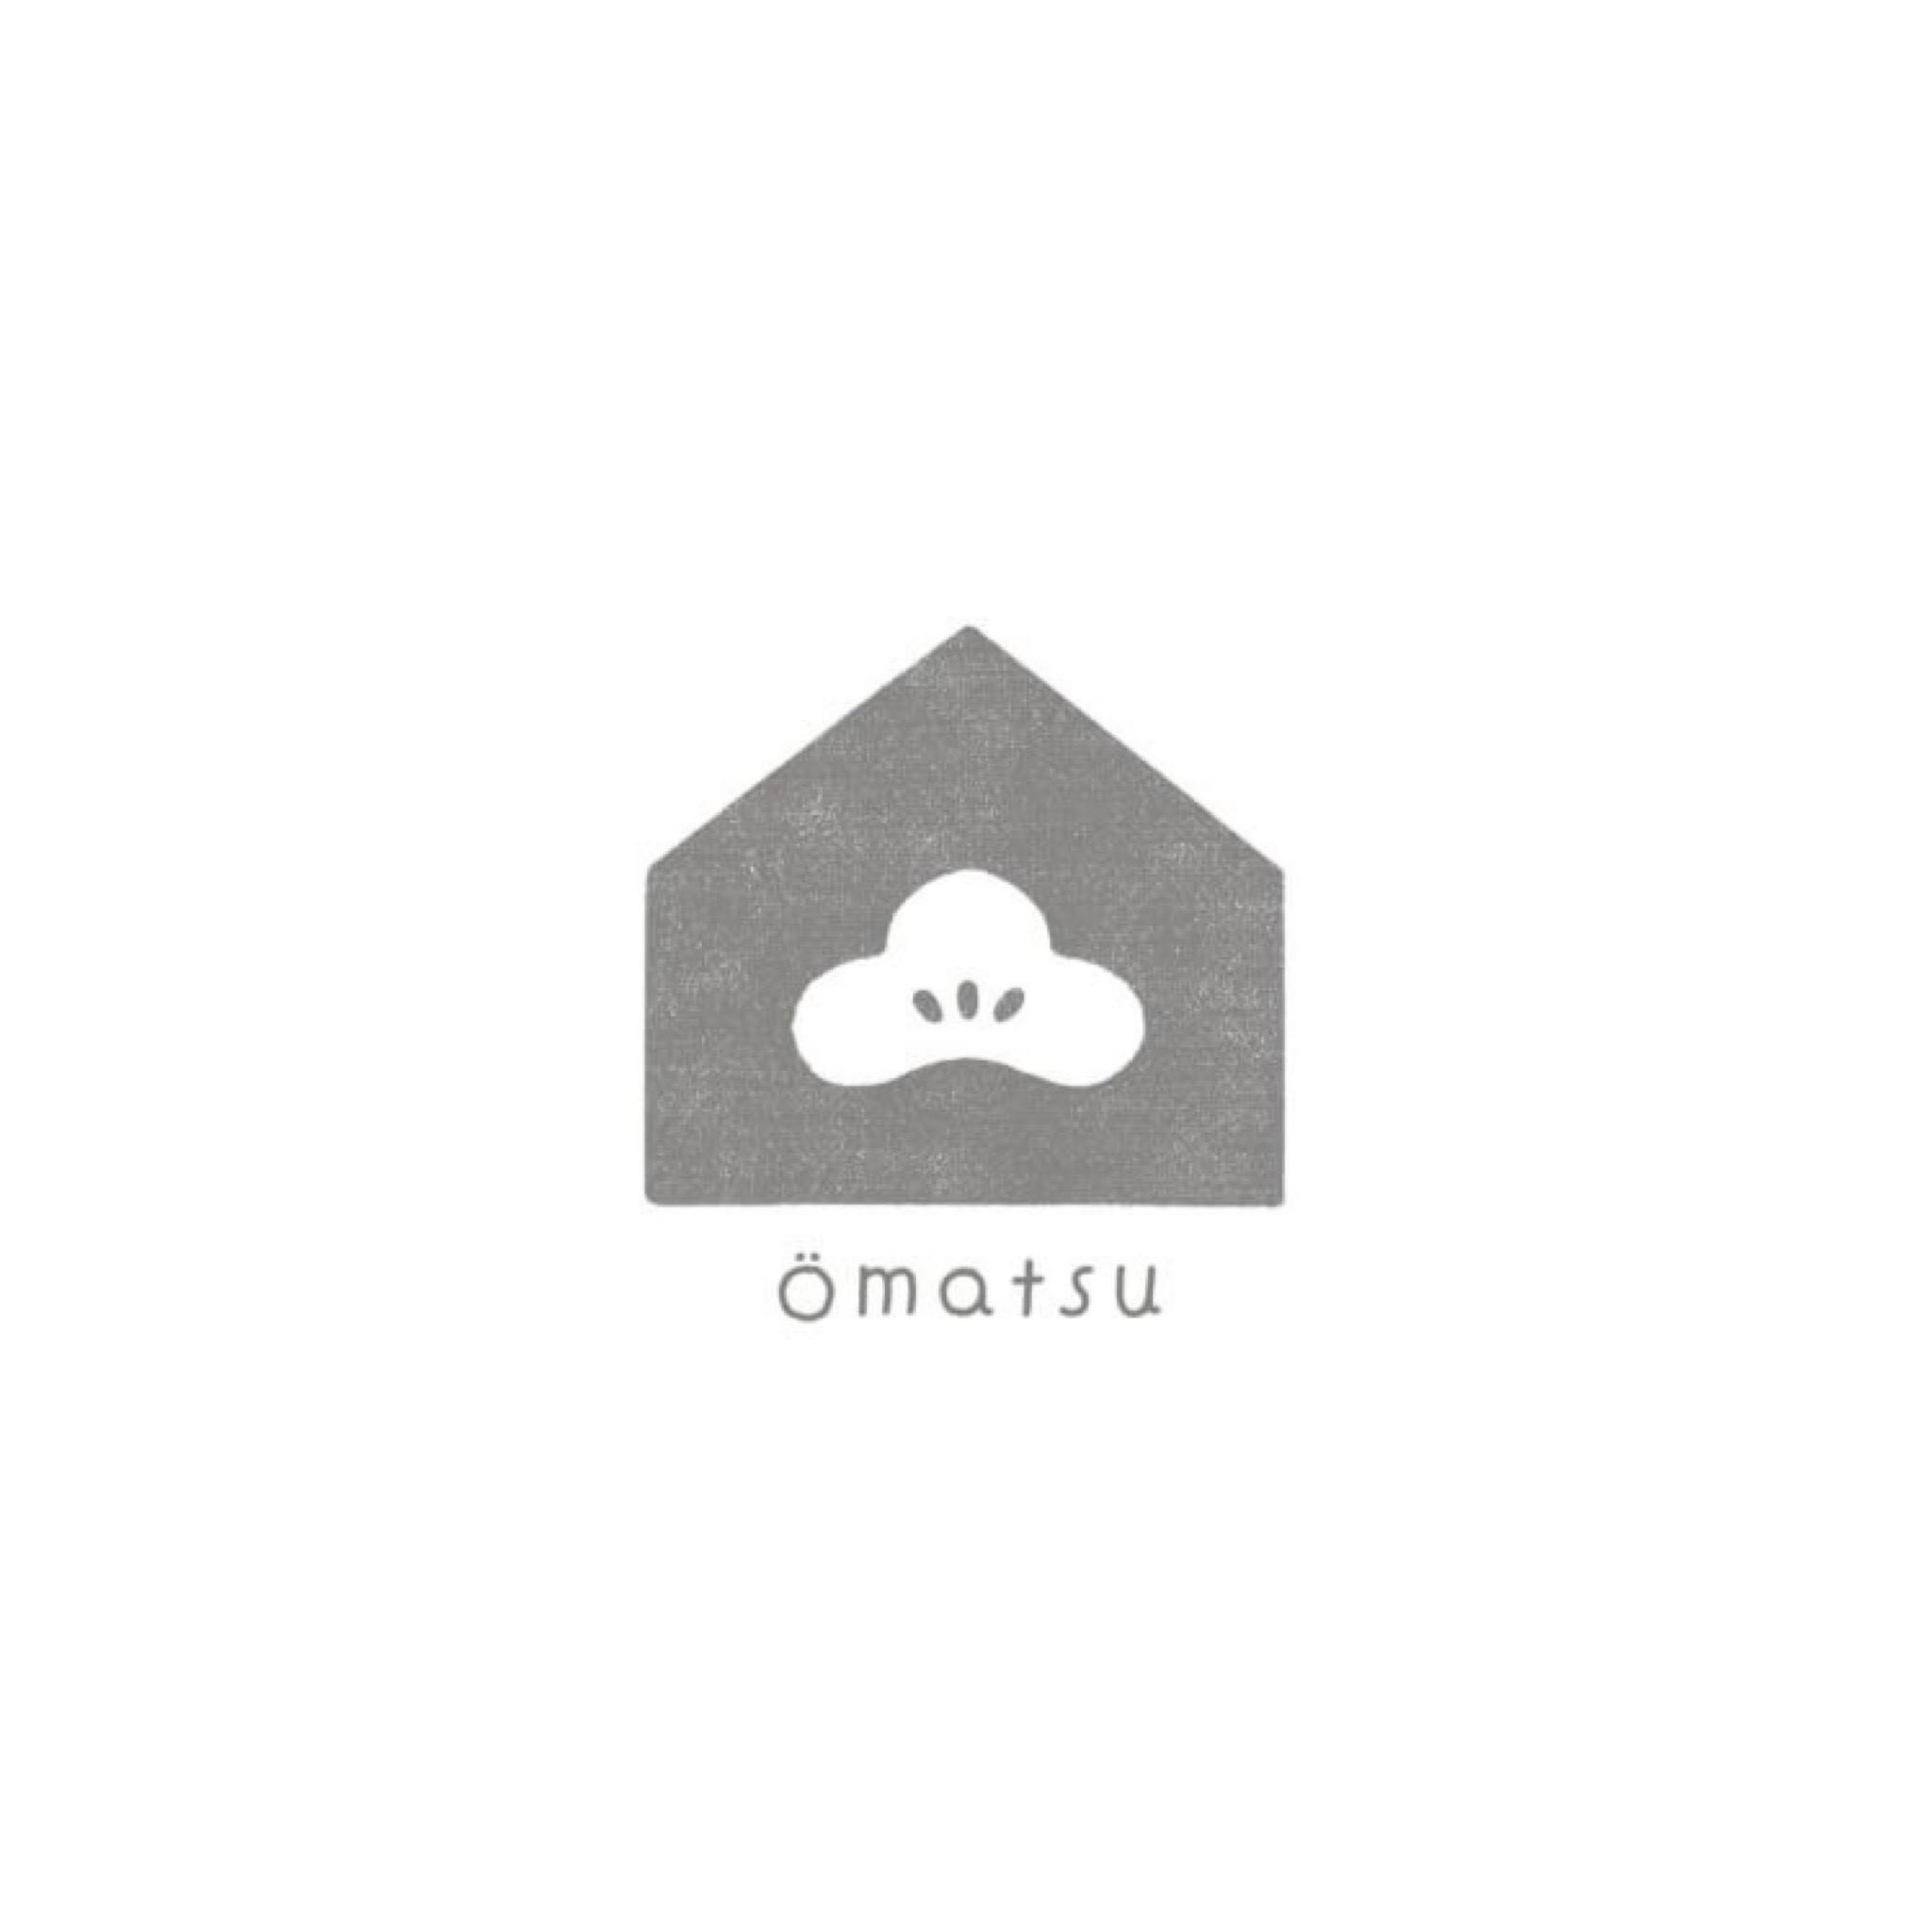 飯能市中山にある小さなお店ӧmatsuです。 omotenashi ( カフェ ) oyatsu ( 焼き菓子 ) oiwai ( 水引雑貨 ) の活動をしています。